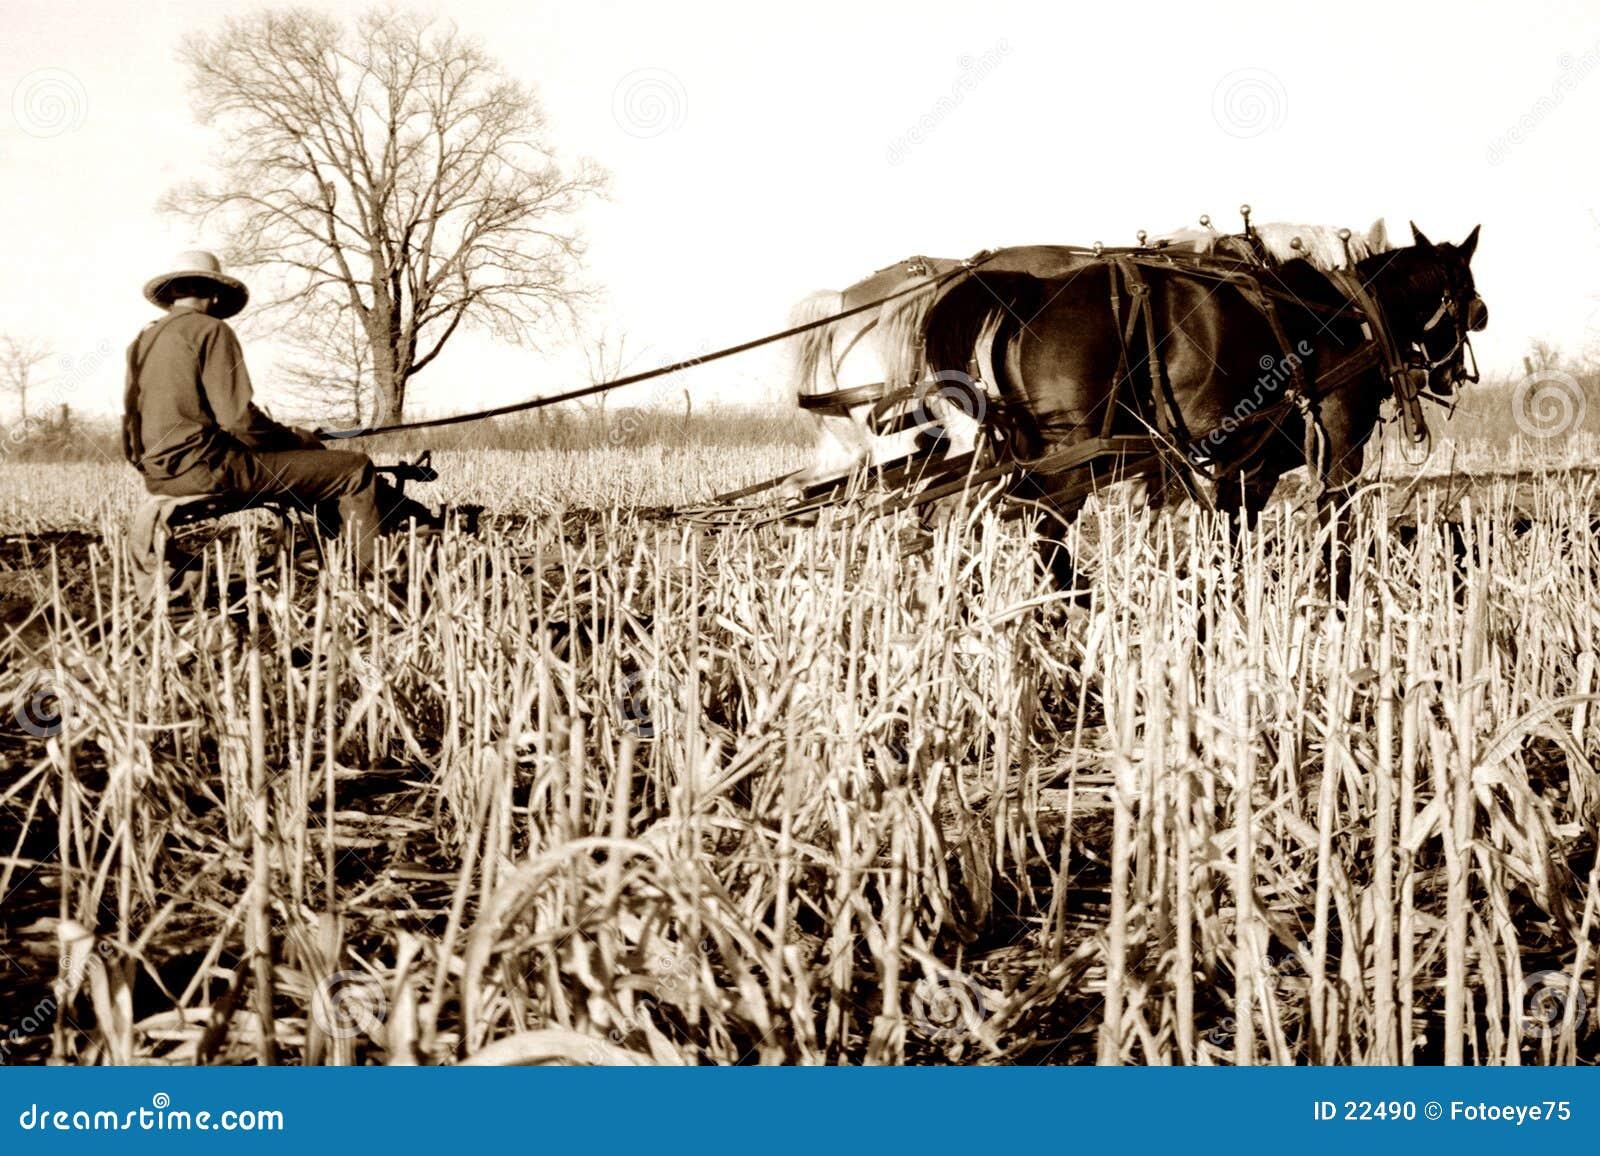 Chevaux de charrue amish